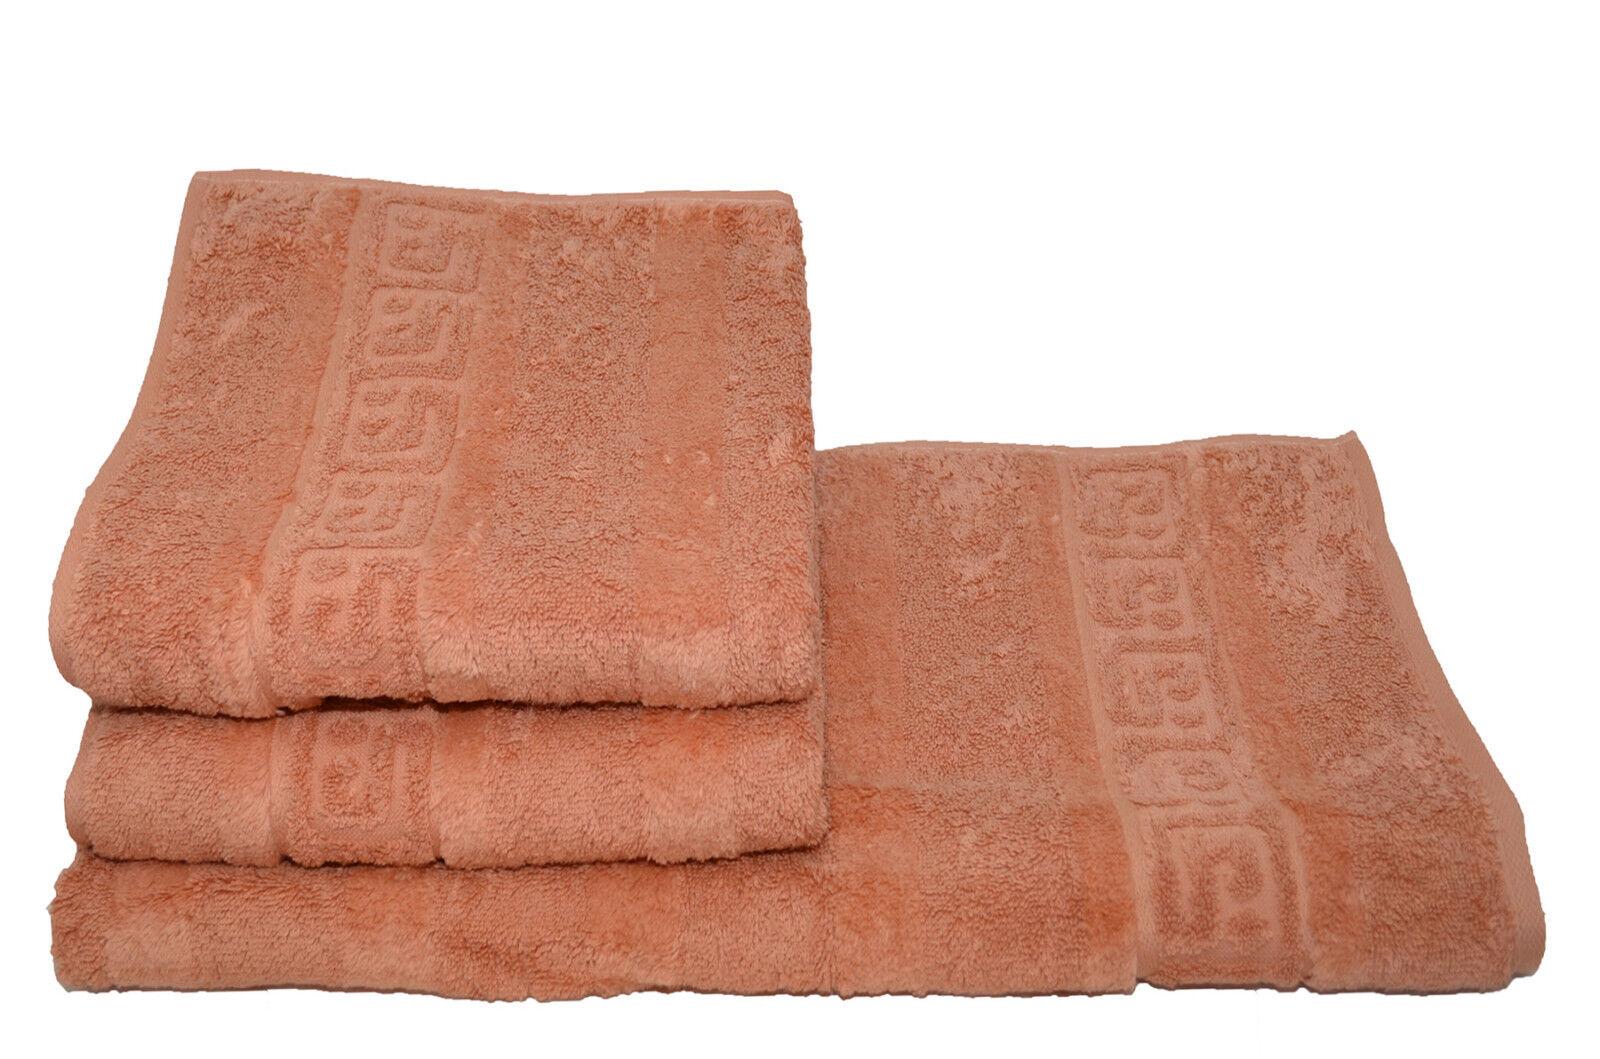 Cawö Noblesse 2 x Handtuch Gr. 50 x 100 / 369 zimt Duschtücher online kaufen neu